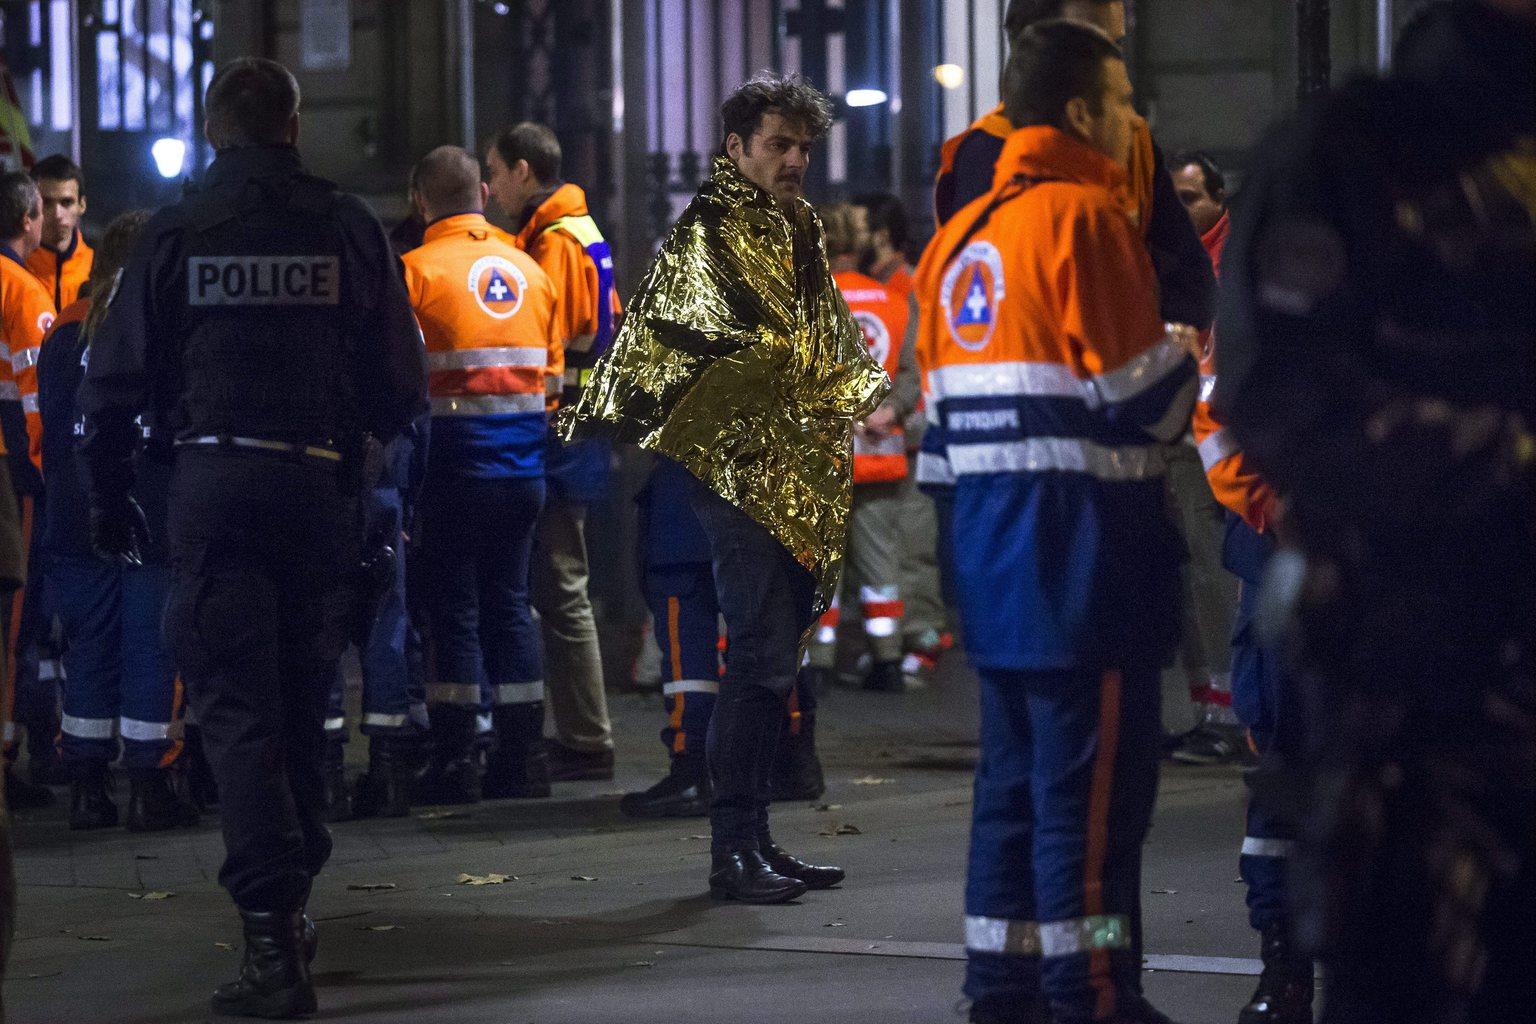 Egy kimenekített túlélő a párizsi Bataclan koncertterem közelében, miután az épületben mintegy száz embert túszul ejtettek 2015. november 13-án. A francia fővárosban késő este összehangoltan több merényletet követtek el. A támadásoknak legalább 120 halálos áldozata van. Nyolc terrorista halt meg, közülük heten felrobbantották magukat. (MTI/EPA/Etienne Laurent)